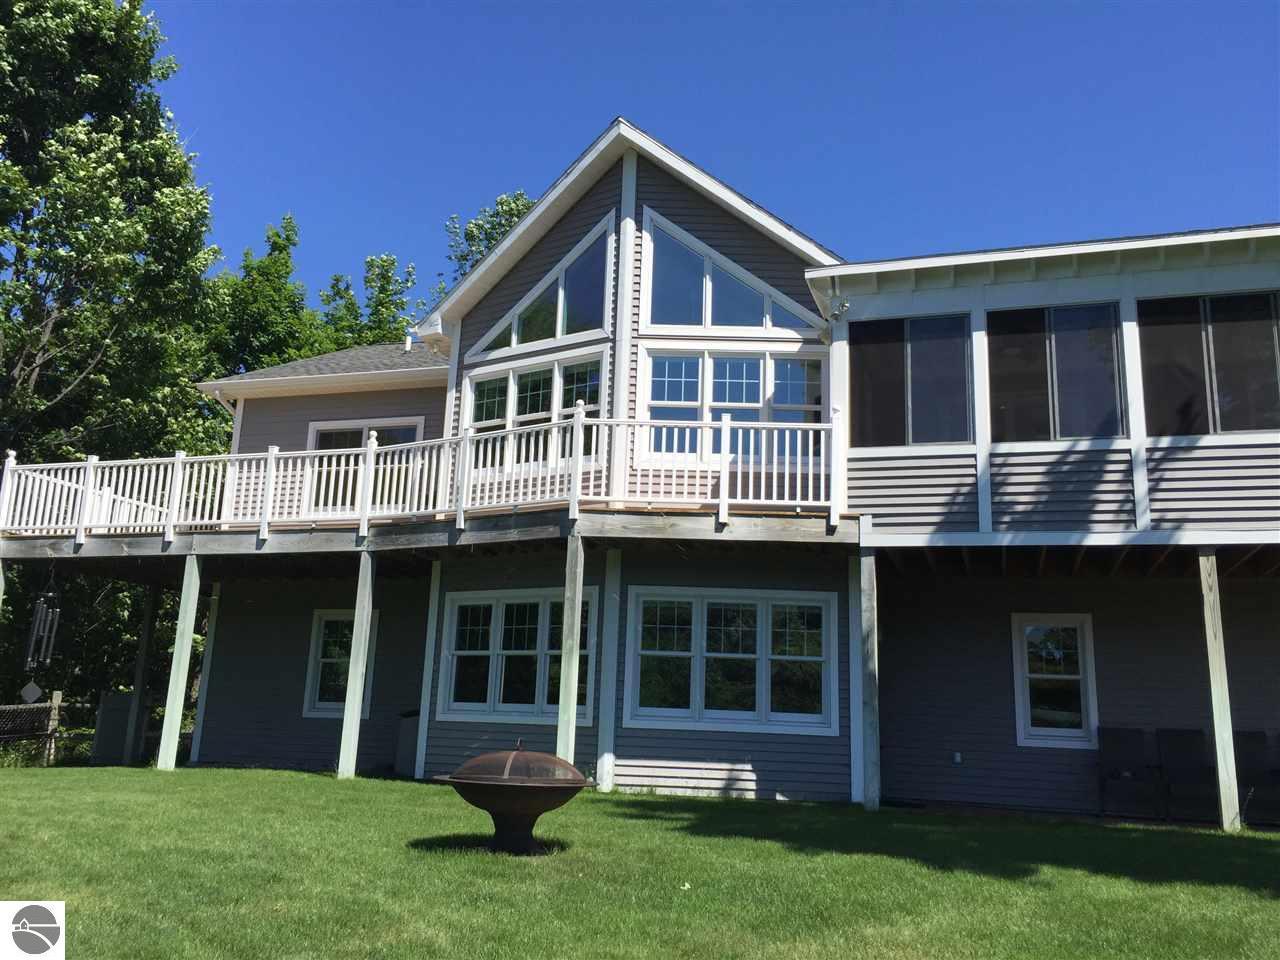 Property for sale at 2455 E Meander Lane, Cedar,  MI 49621